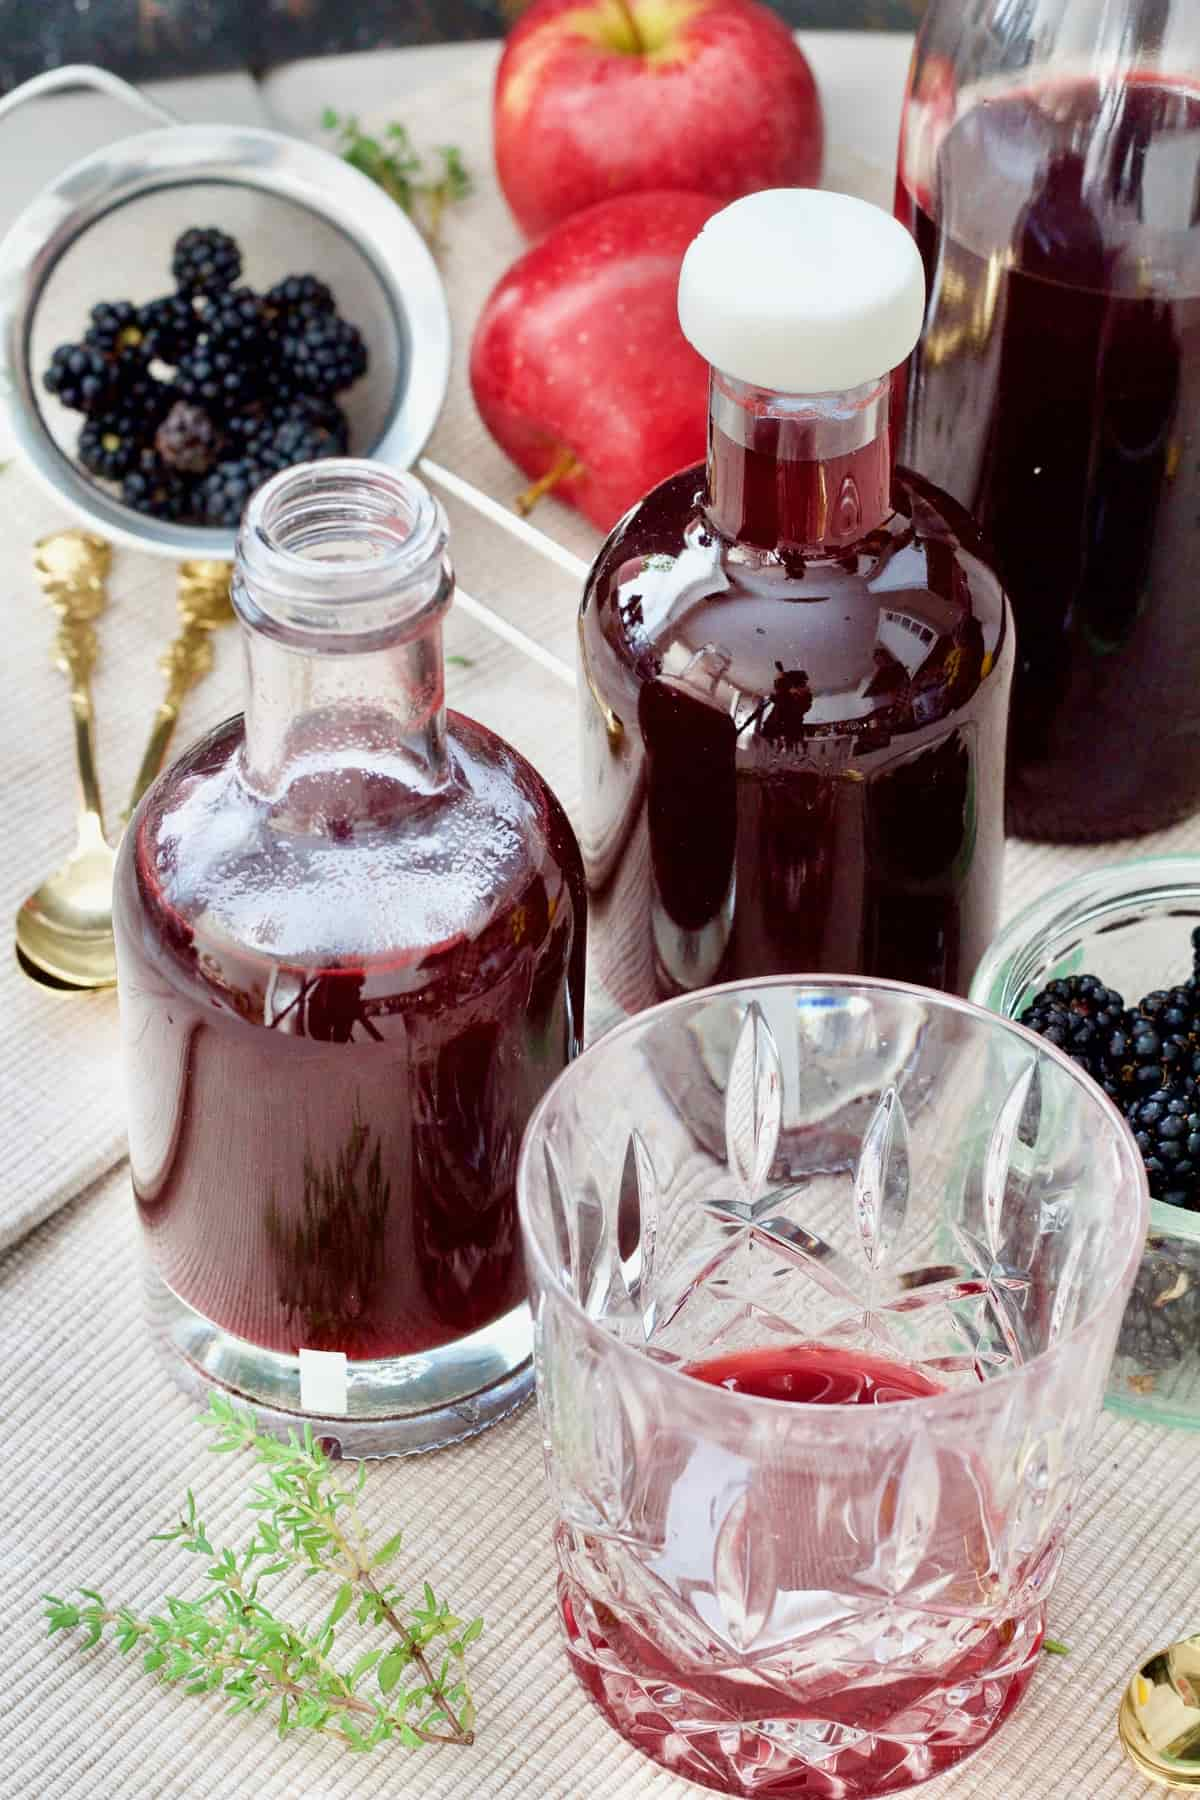 Two bottles of blackberry vinegar, small tumbler.